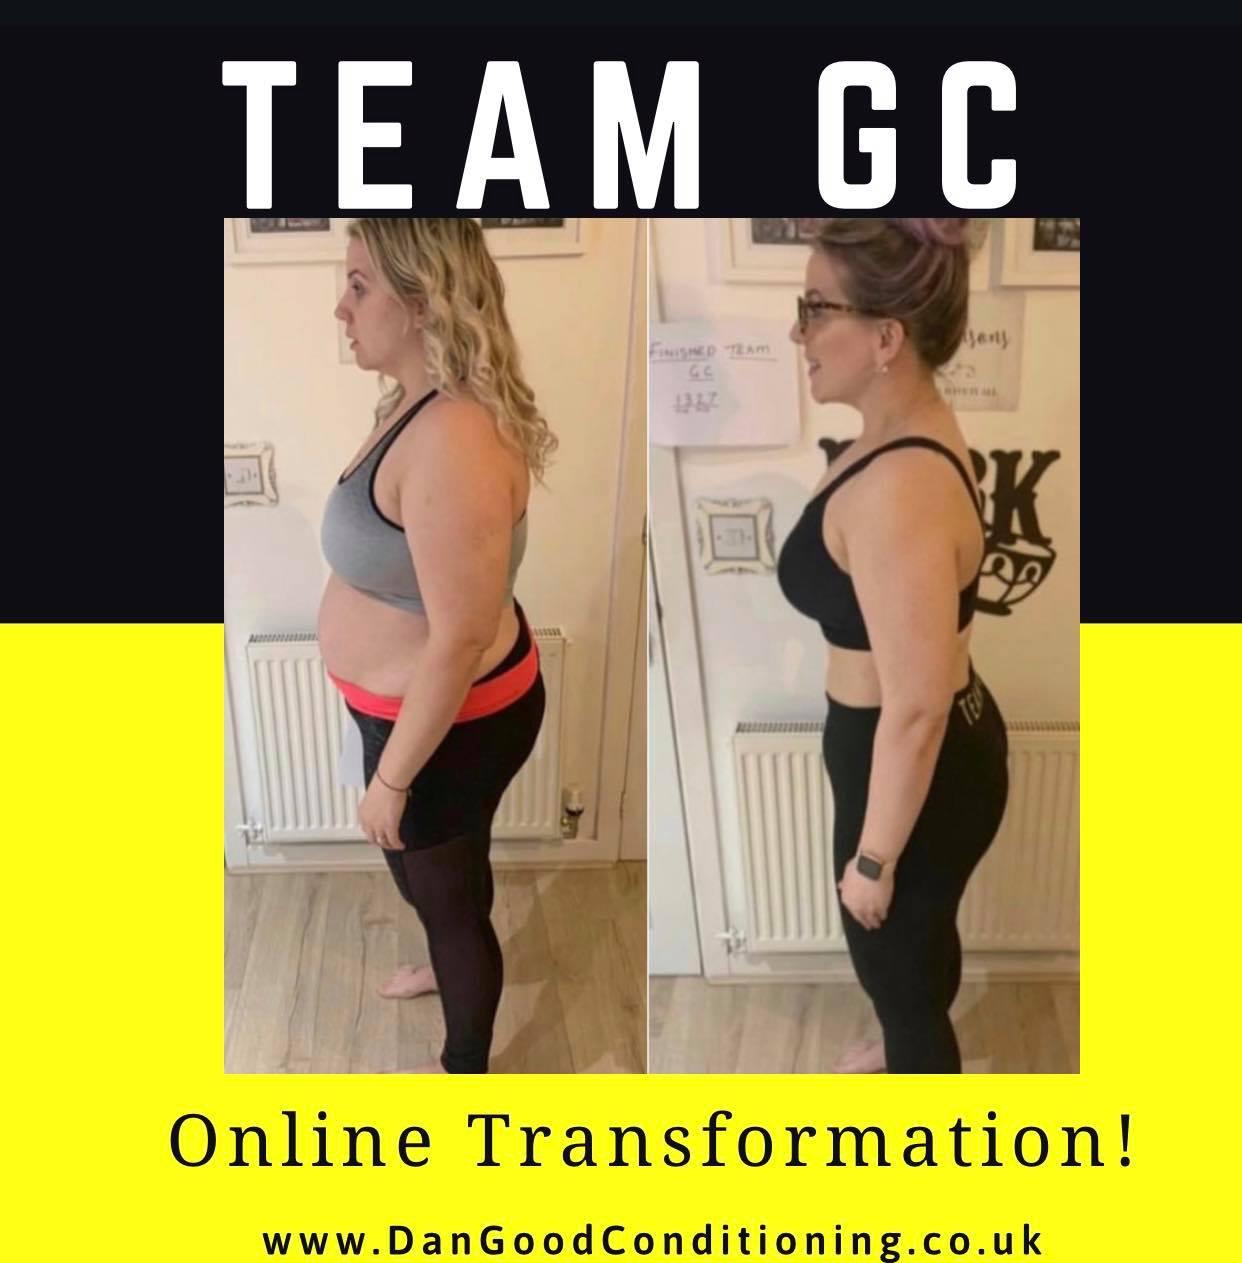 Samantha Terri - Team GC Member